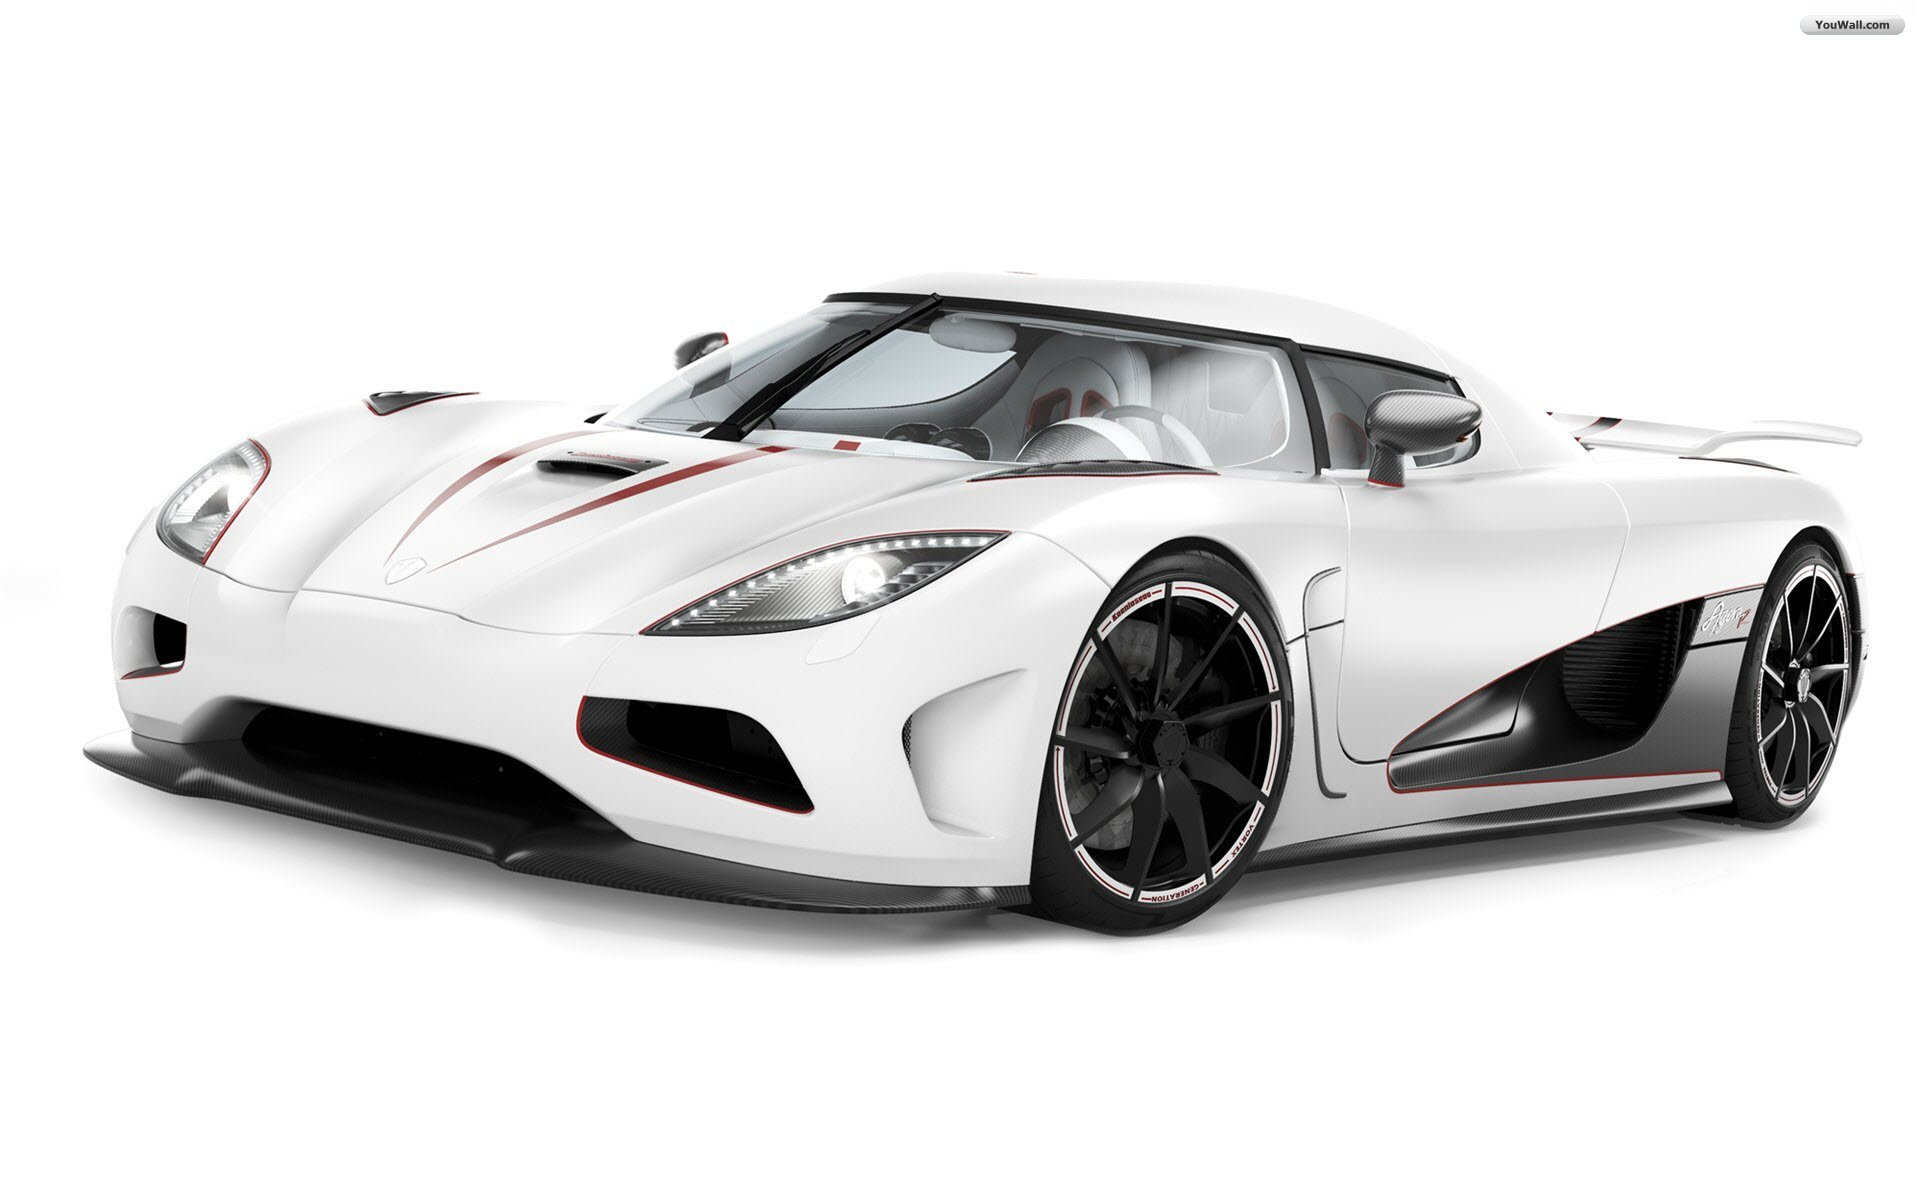 White Ferrari Background